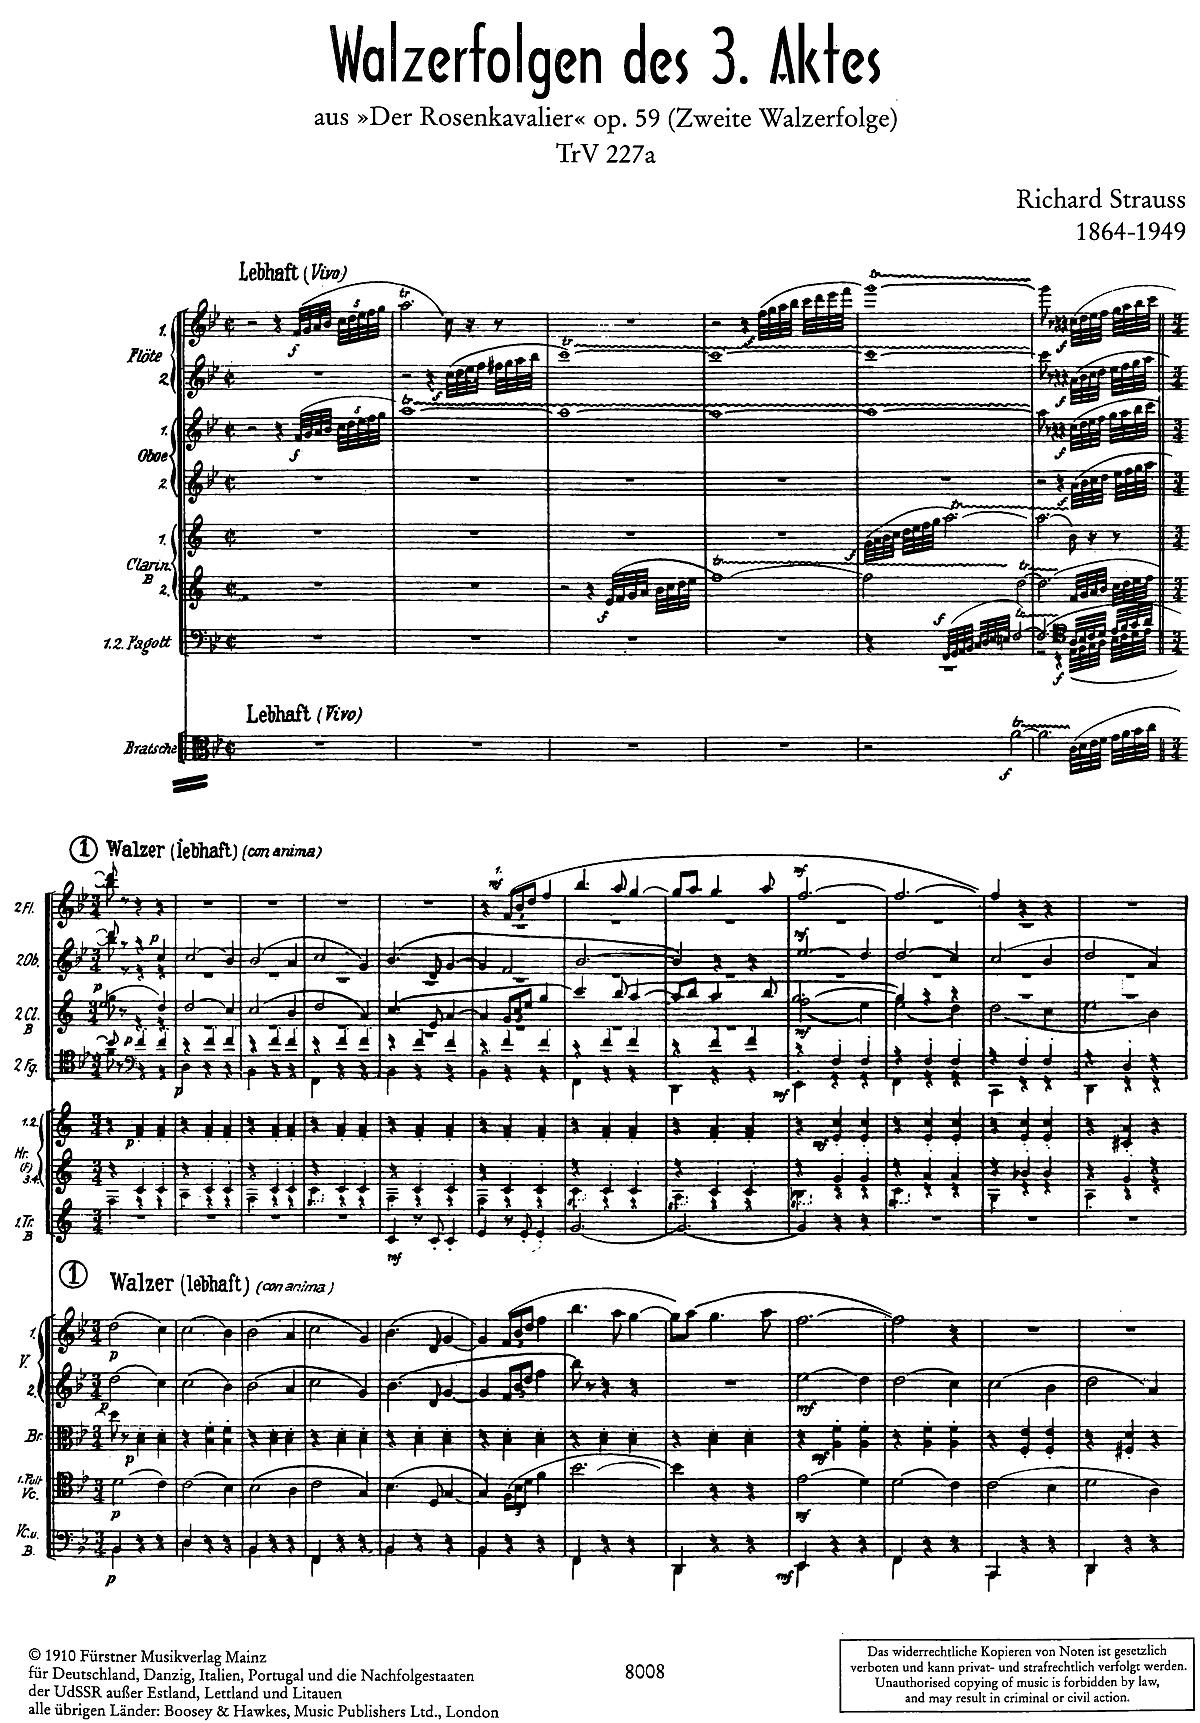 1ère page de la partition dans l'édition du «Adolph Fürstner, 1910, Plate A 8008, Mainz», Cliquer sur la photo pour une vue agrandie